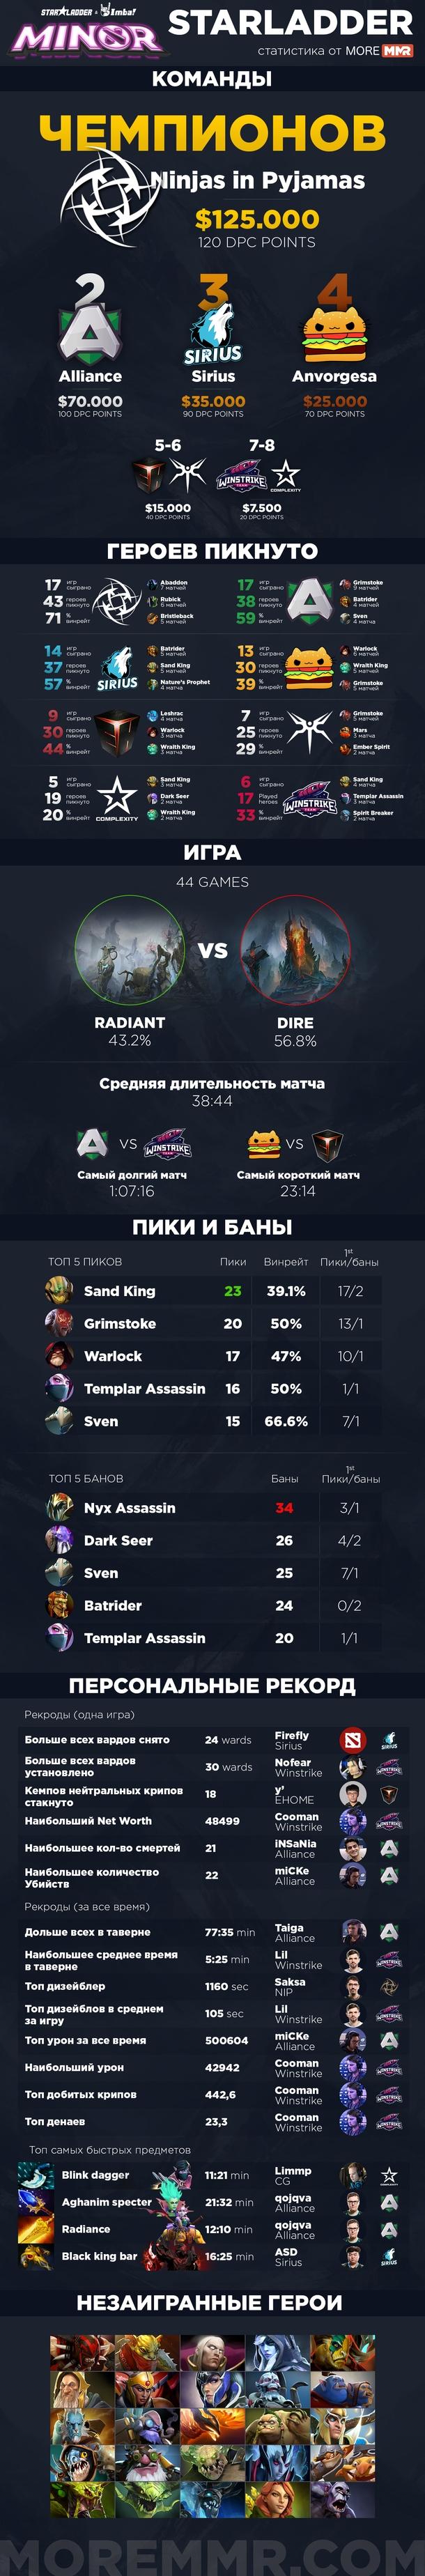 Статистика от MoreMMR